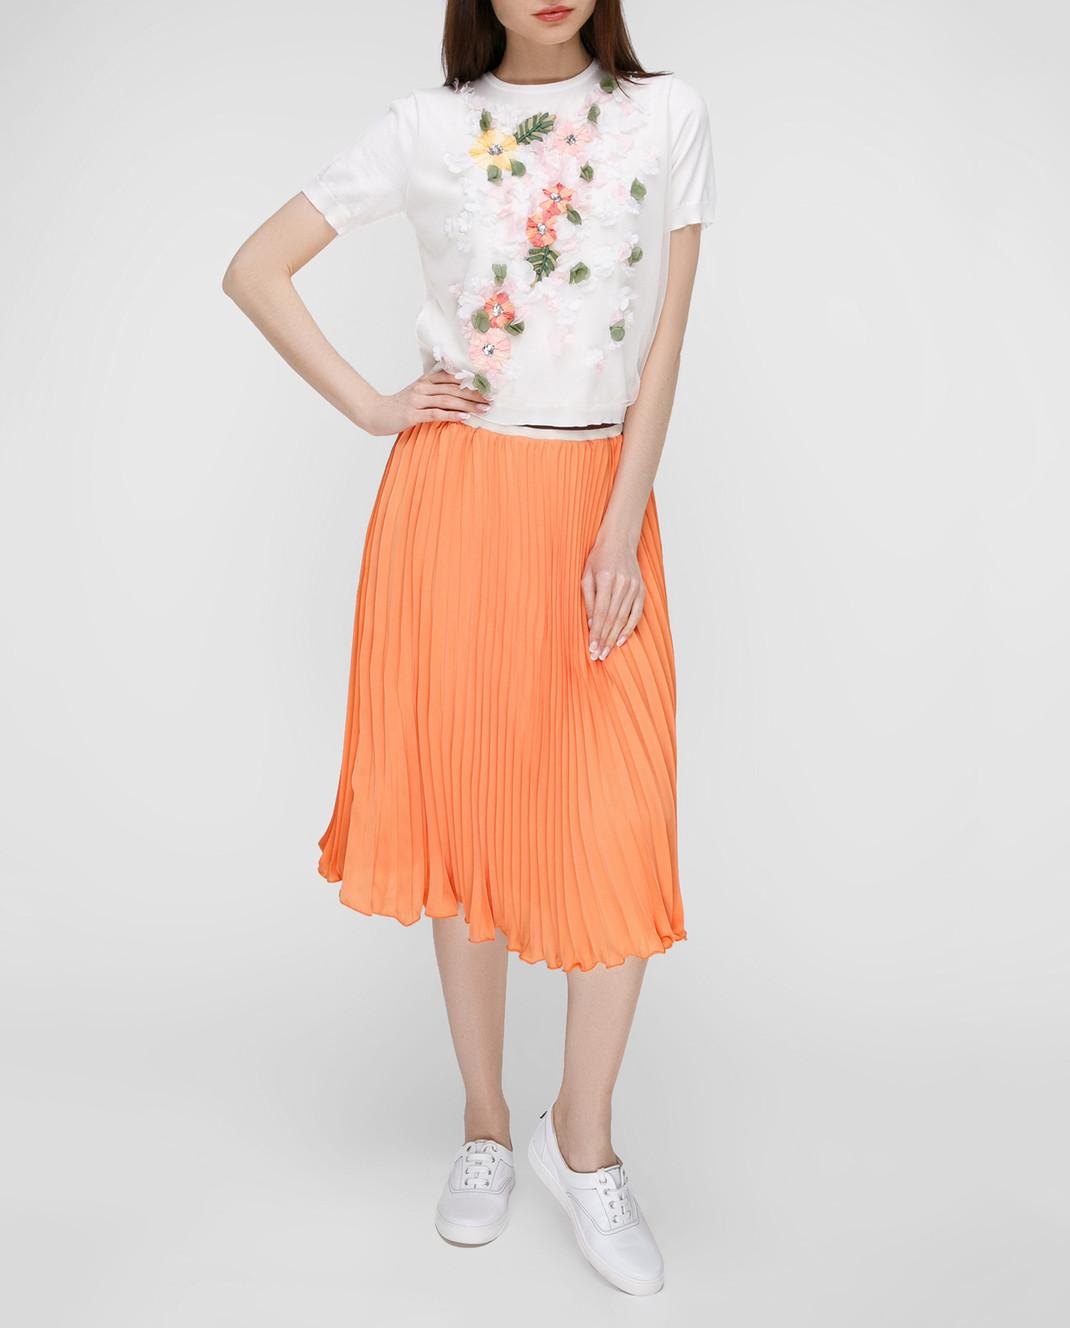 Blugirl Оранжевая юбка-плиссе 3321 изображение 2